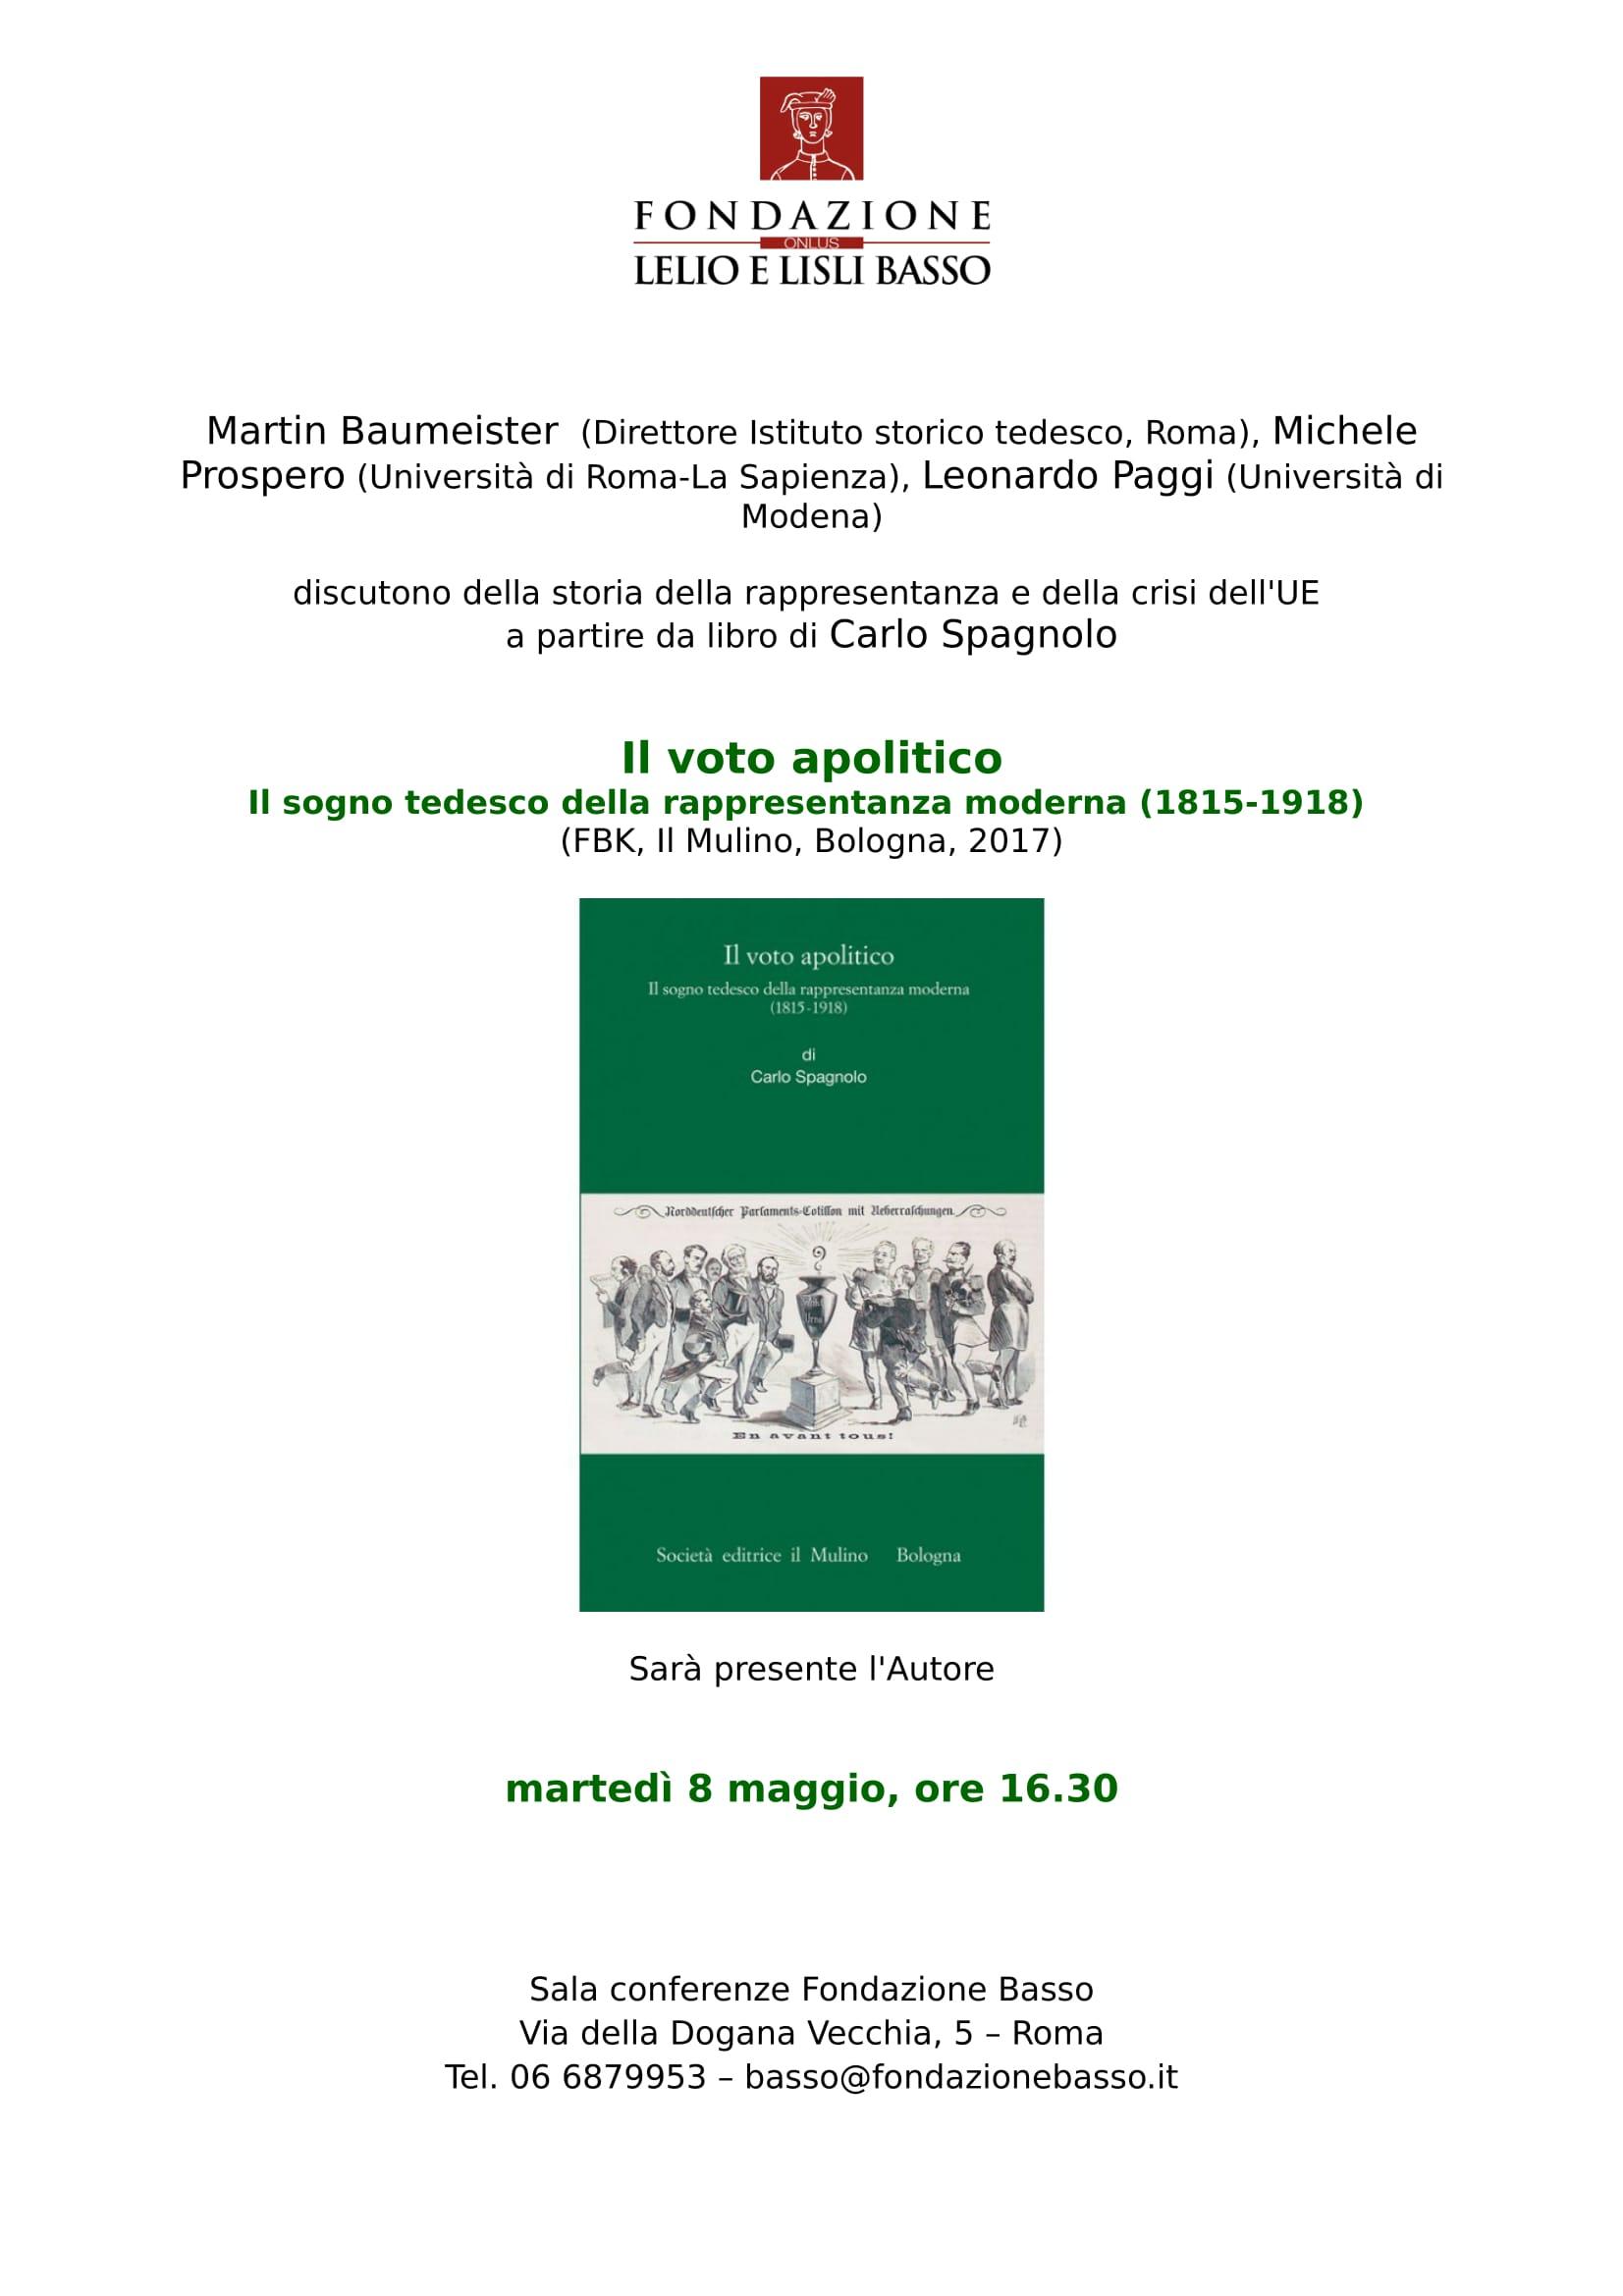 8 maggio libro Spagnolo-1